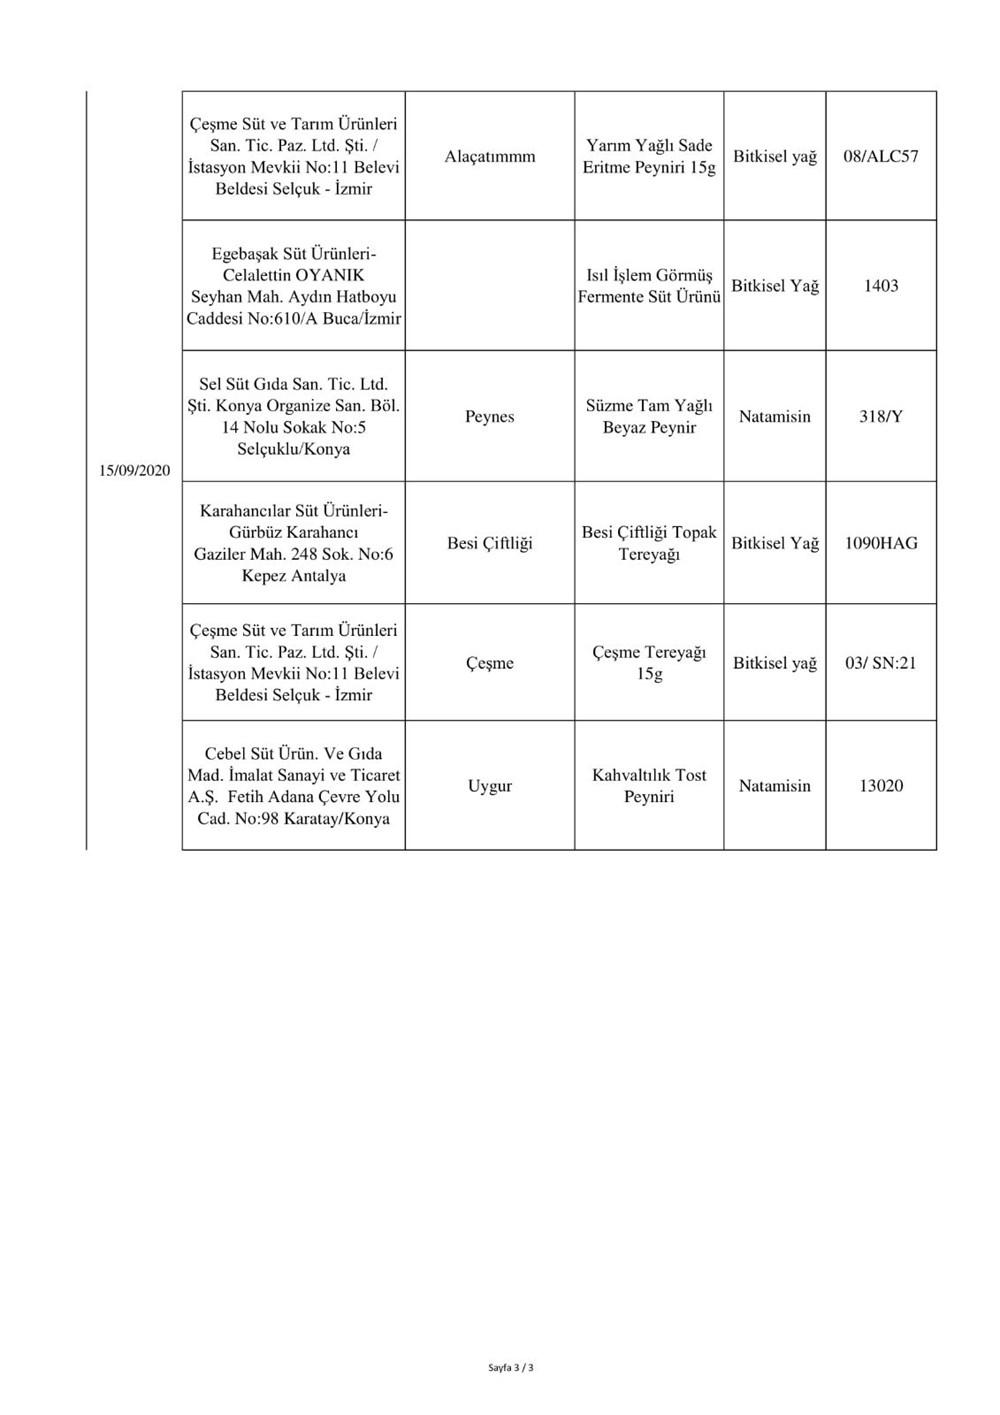 Bakanlık taklit ve tağşiş ürün listesini açıkladı: 91 firmadan 113 ürün - 12